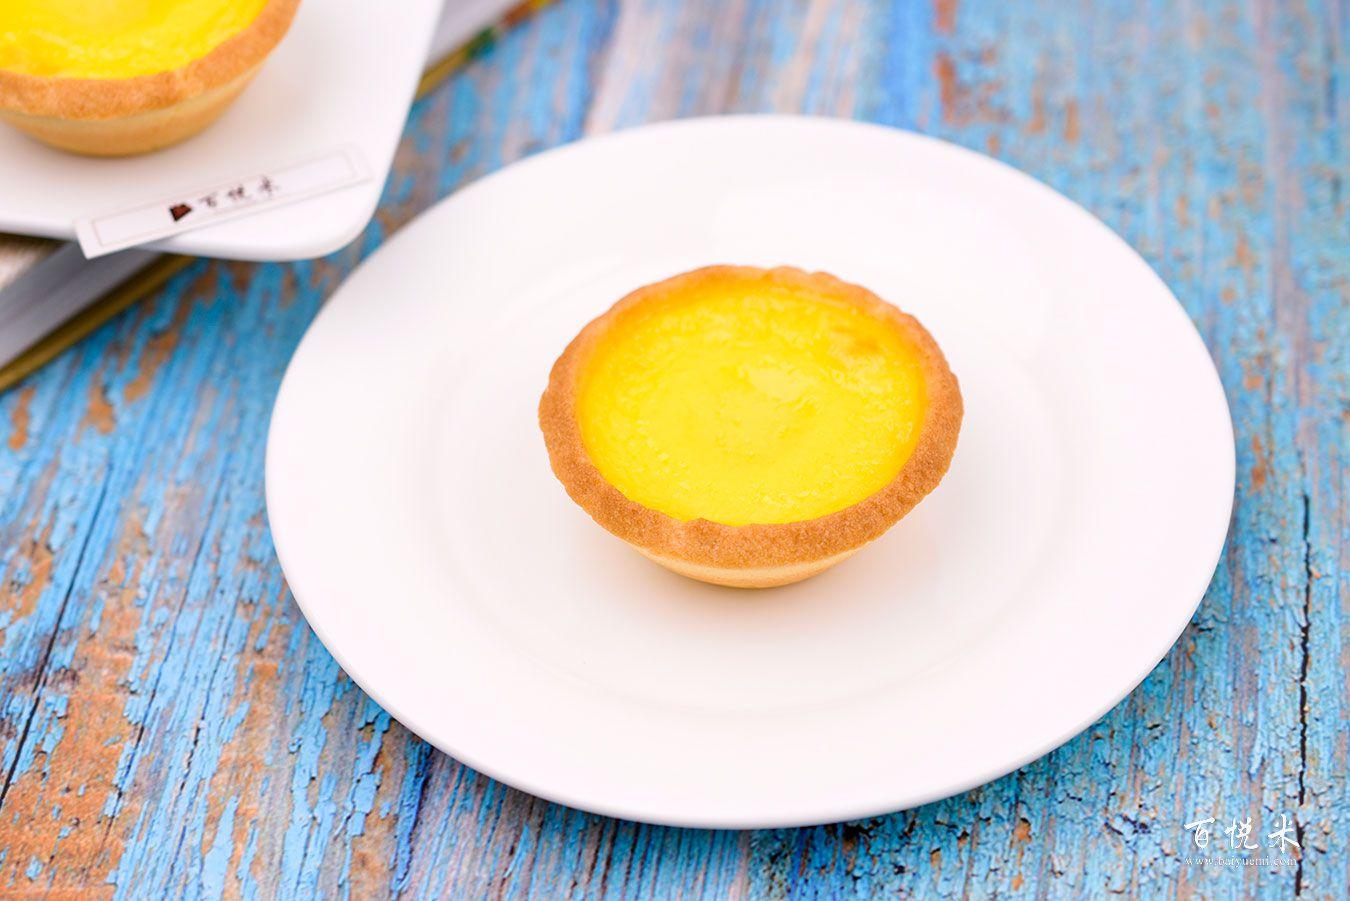 拿酥蛋挞高清图片大全【蛋糕图片】_608